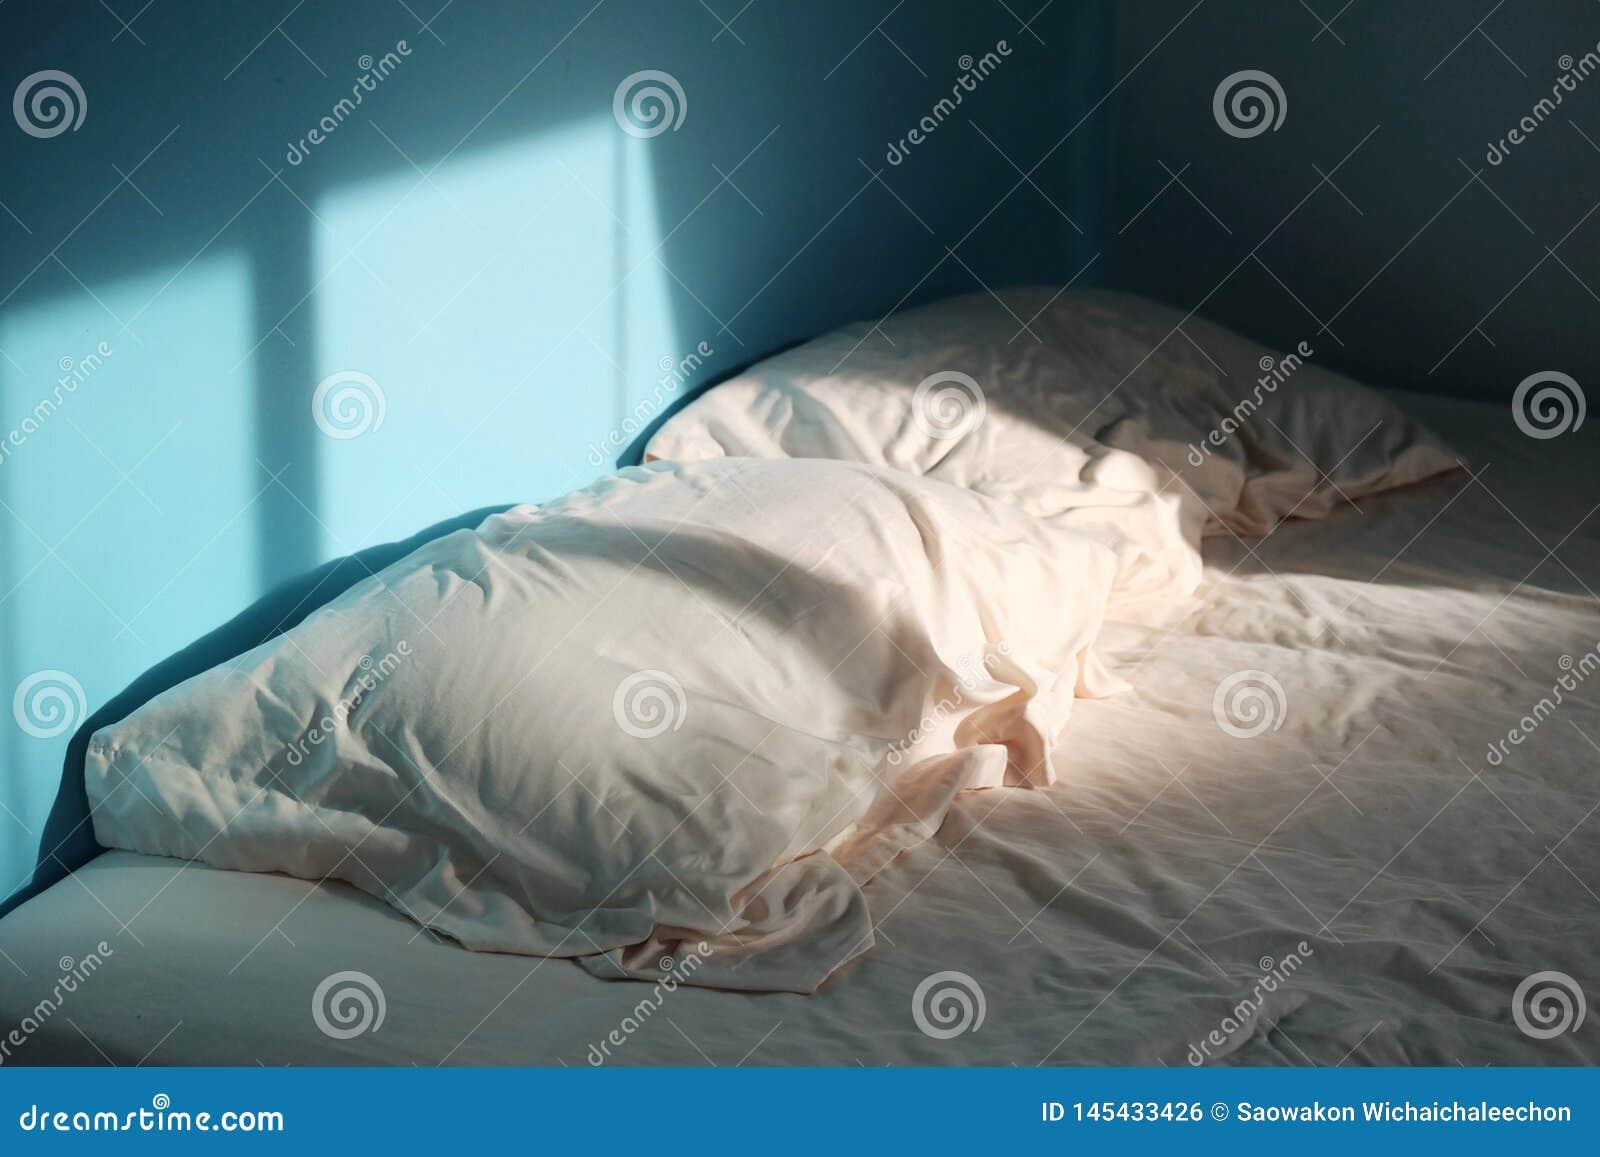 一个对有一个床单的起皱纹的枕头在蓝色室和早晨光